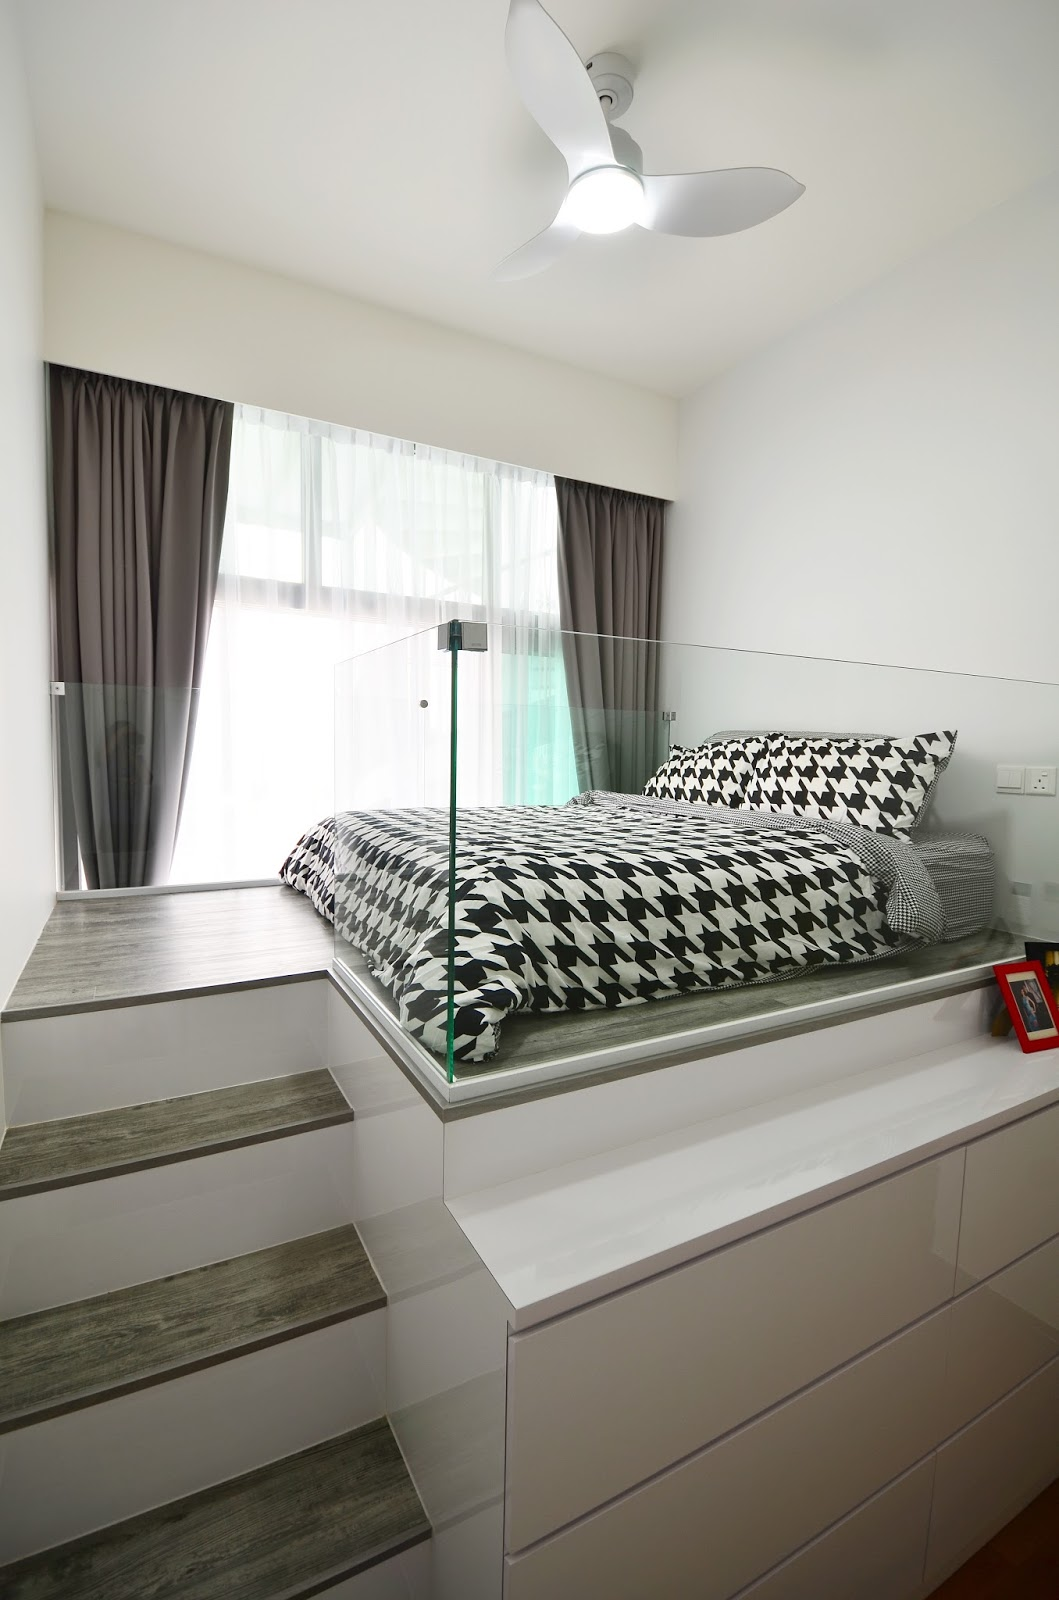 for bedrooms light ceiling chandelier design bedroom fan dlrn wonderful master kit